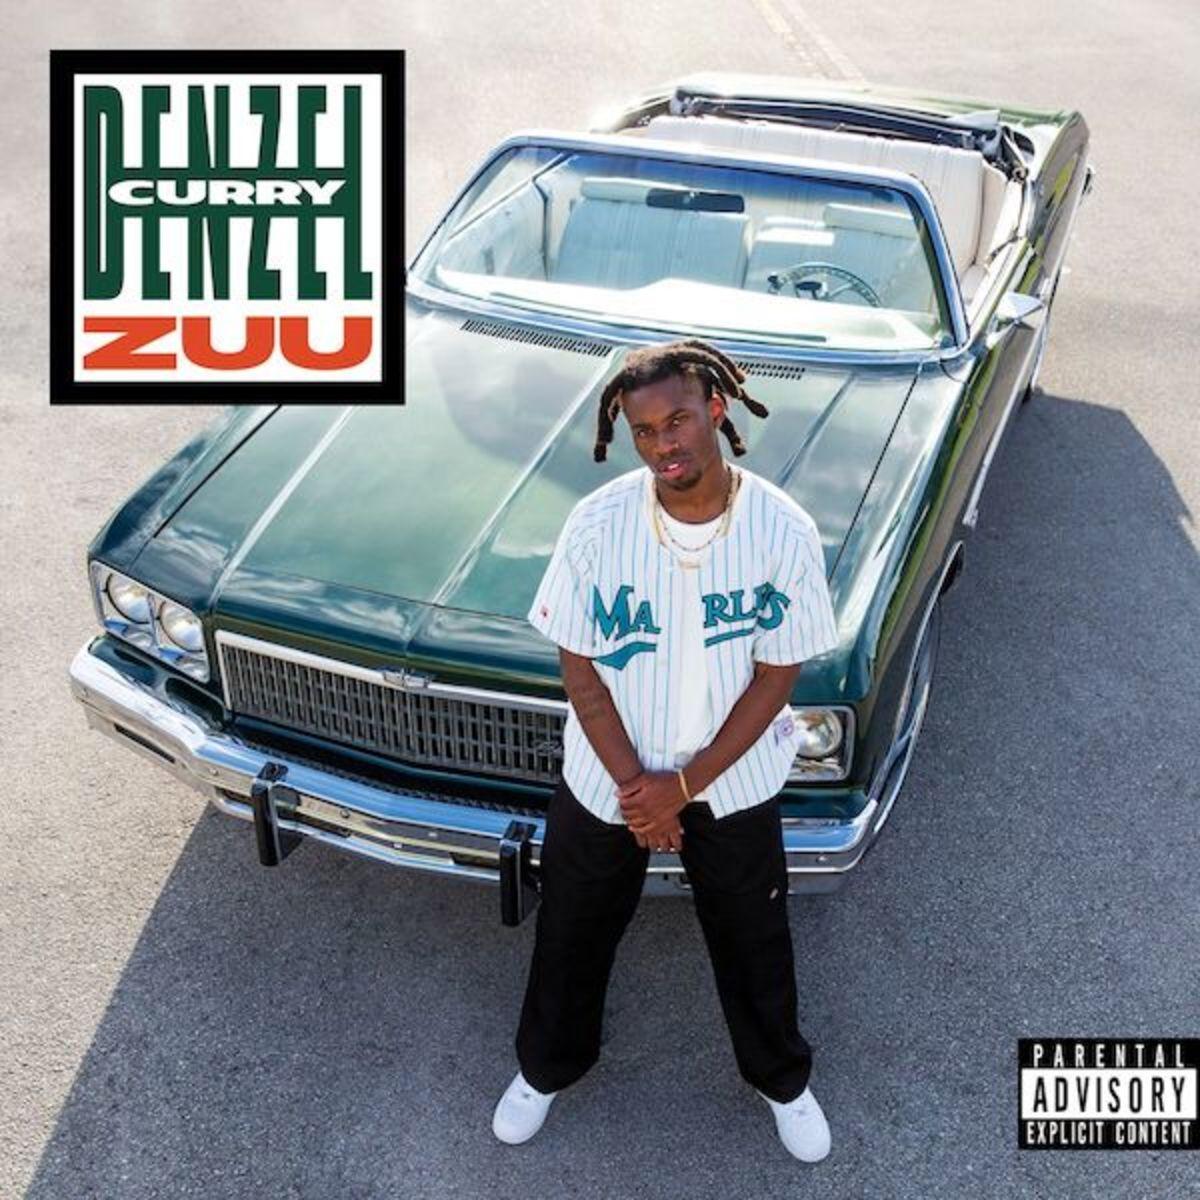 denzel-curry-announces-zuu-album-speedboat.jpg